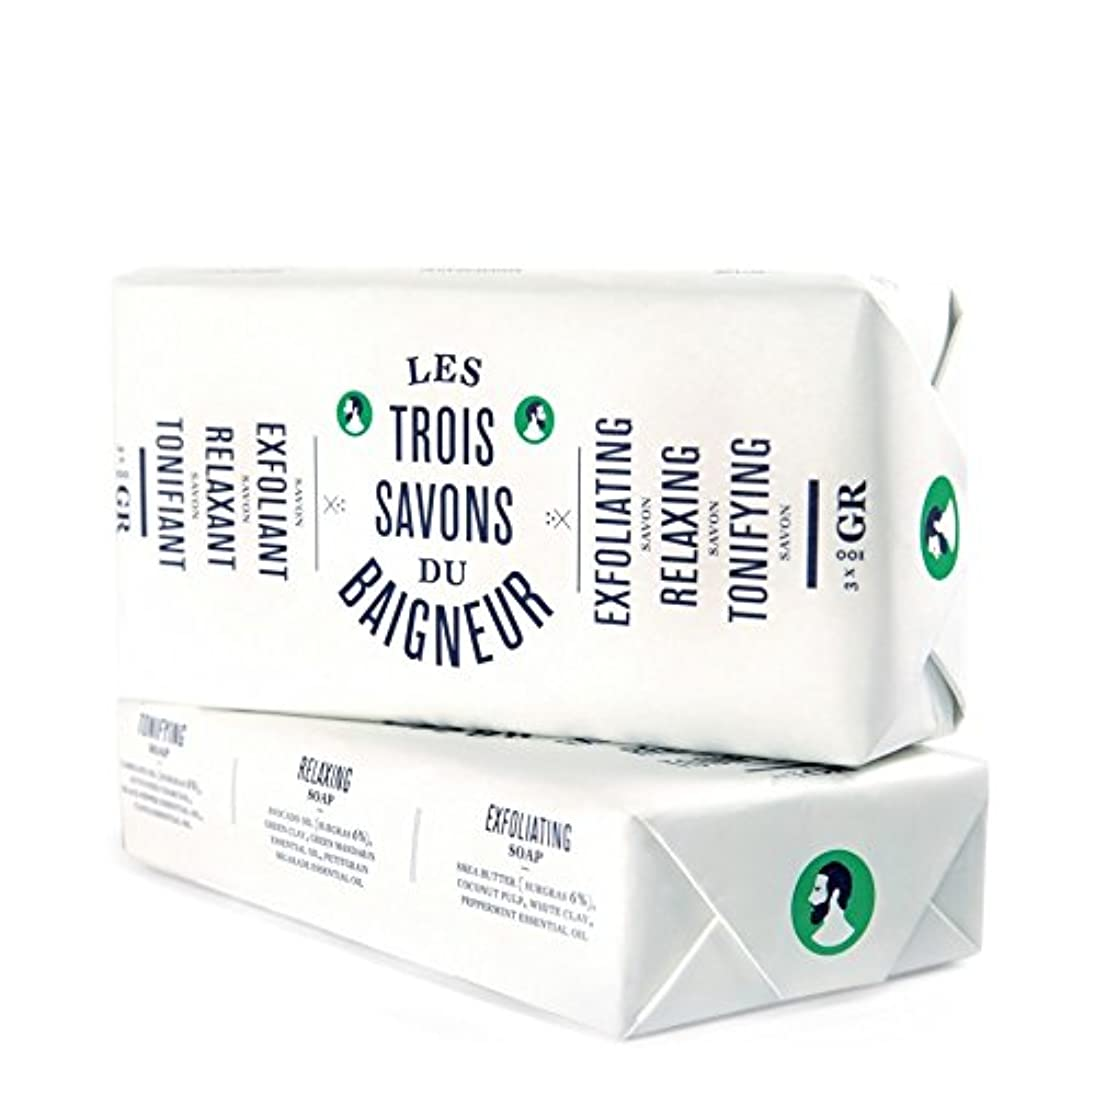 公爵夫人温かい祖父母を訪問ル石鹸セット300グラム x2 - Le Baigneur Soap Set 300g (Pack of 2) [並行輸入品]